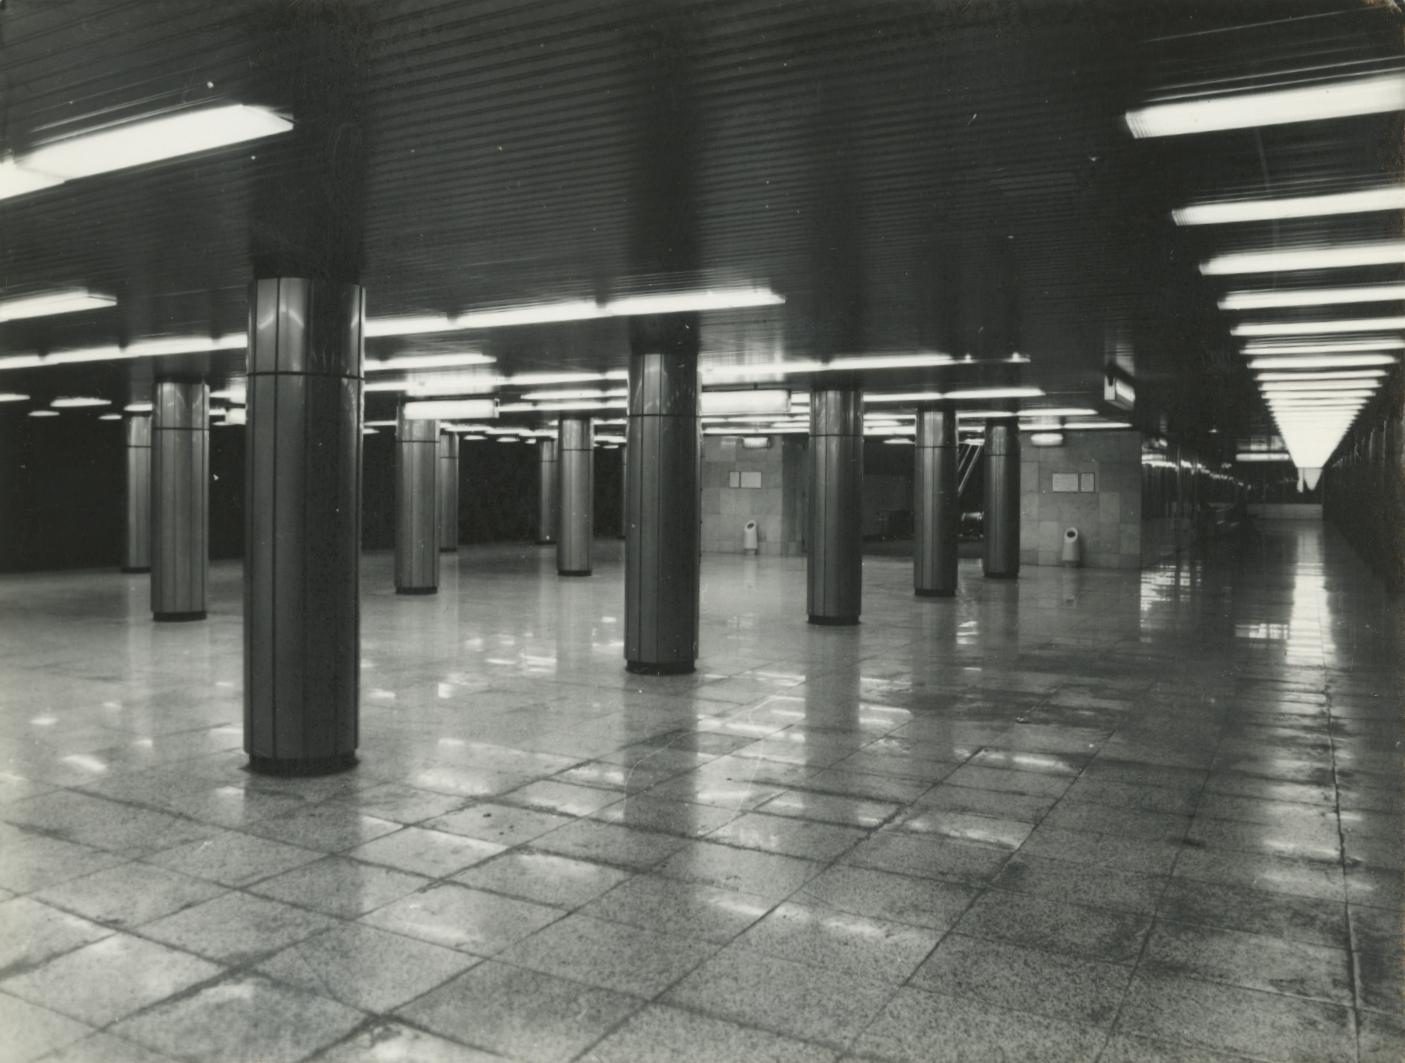 Az egykori Felszabadulás tér (ma Ferenciek tere) peronja